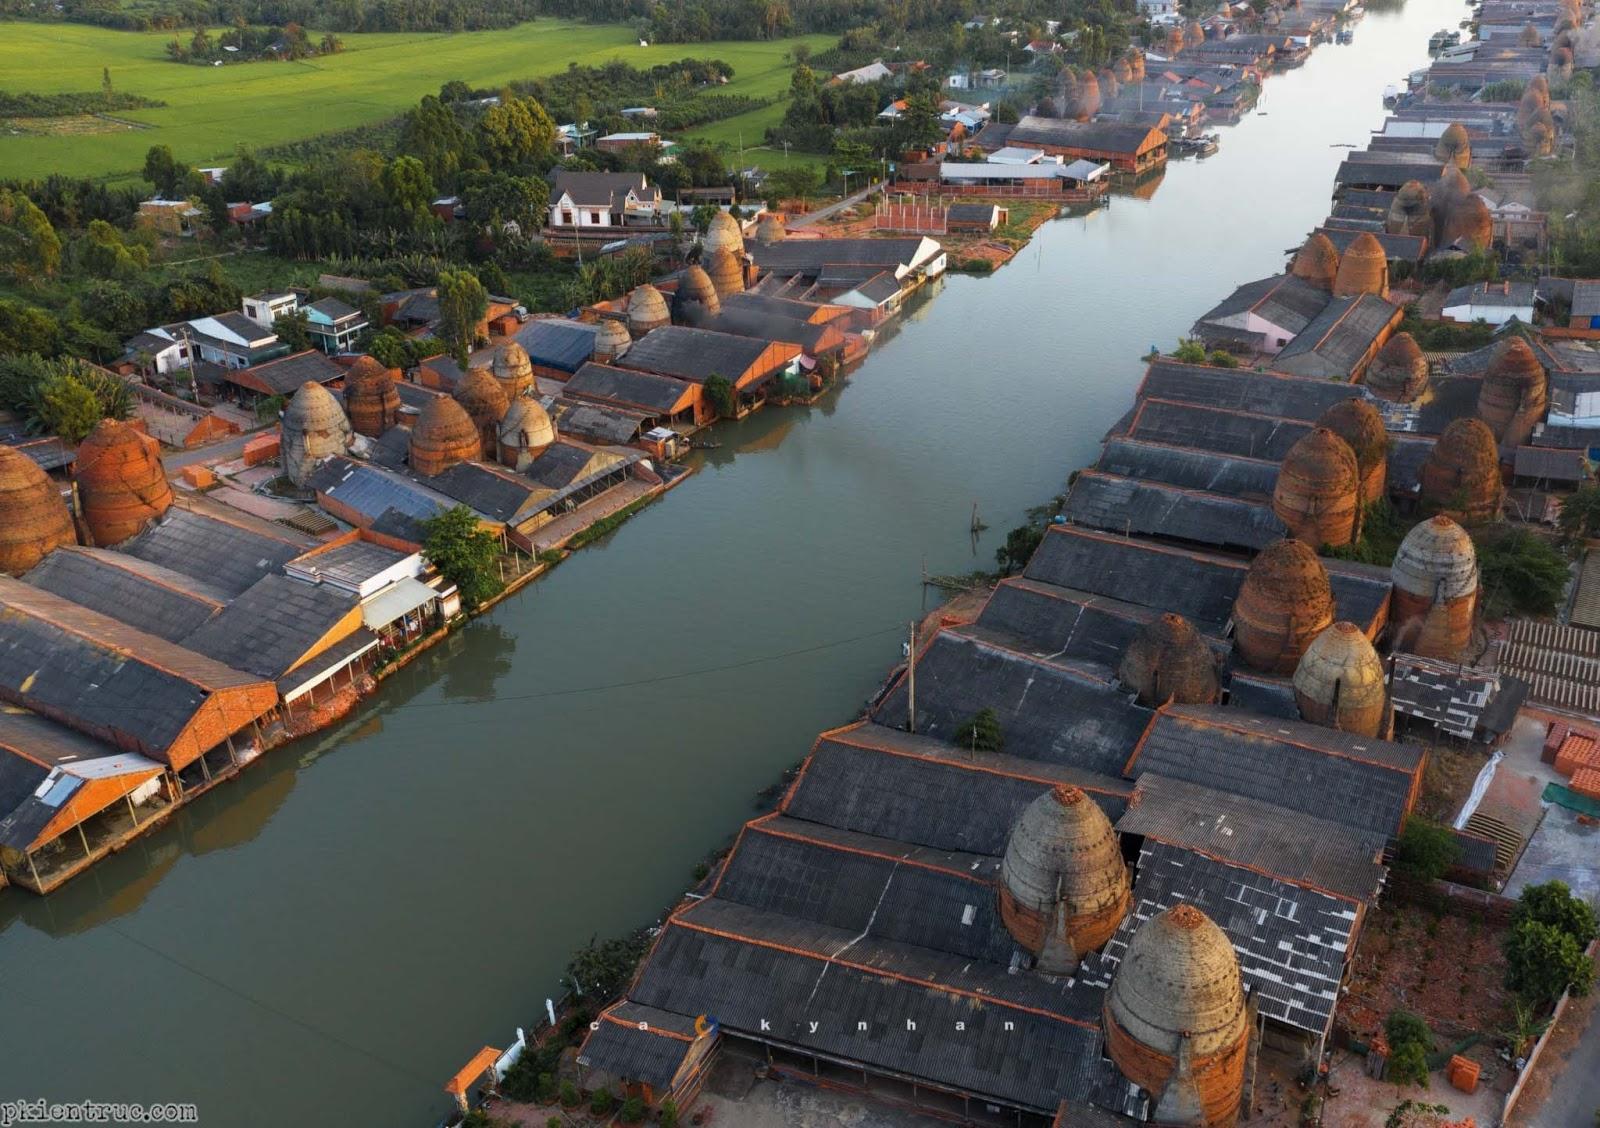 Ảnh chụp làng gốm Vĩnh Long trên cao- ảnh 6